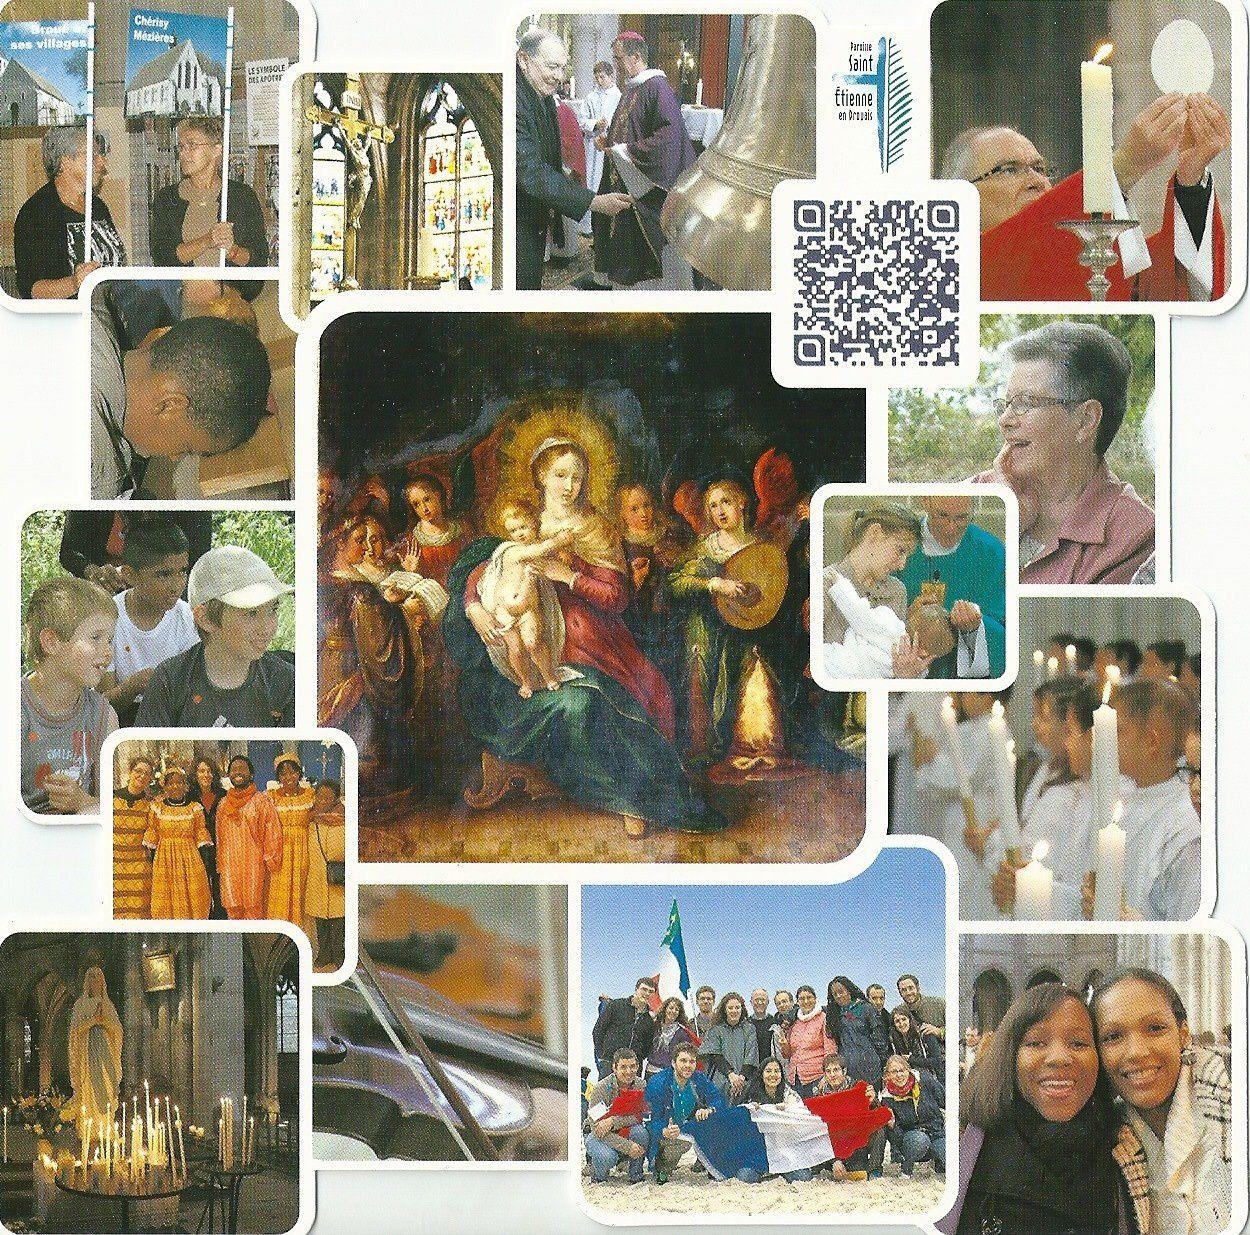 La paroisse St-Etienne-en-Drouais vous souhaite un Joyeux Noël. Paix et espérance pour vous et votre famille tout au long de l'année 2014